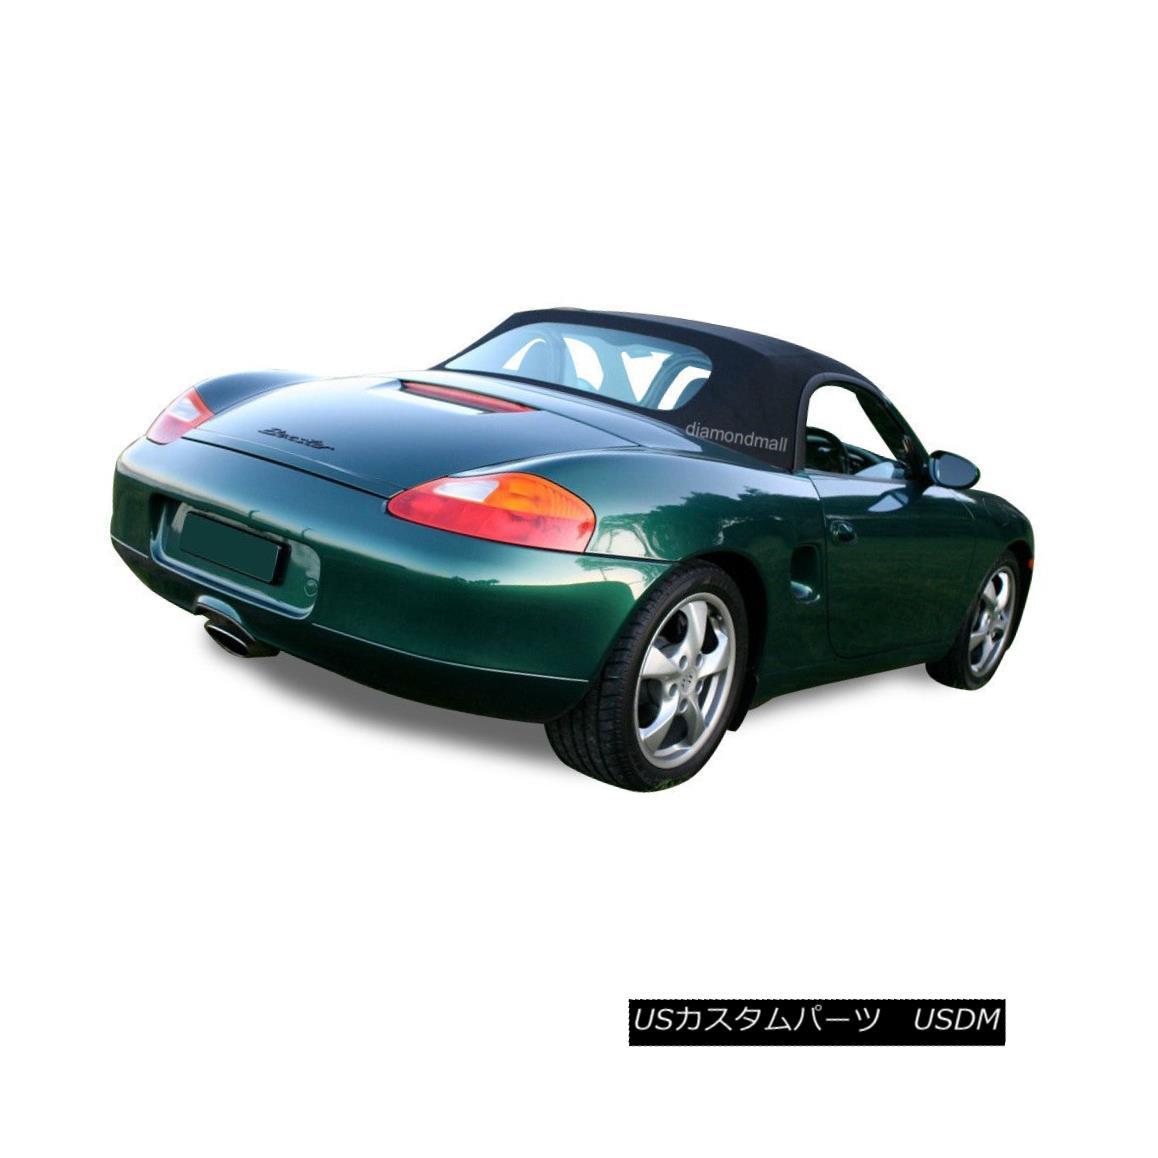 幌・ソフトトップ Porsche Boxster 986 Convertible Soft Top Replacement 1997-2002 Black Stayfast ポルシェボクスター986コンバーチブルソフトトップ交換1997-2002ブラックステイファスト